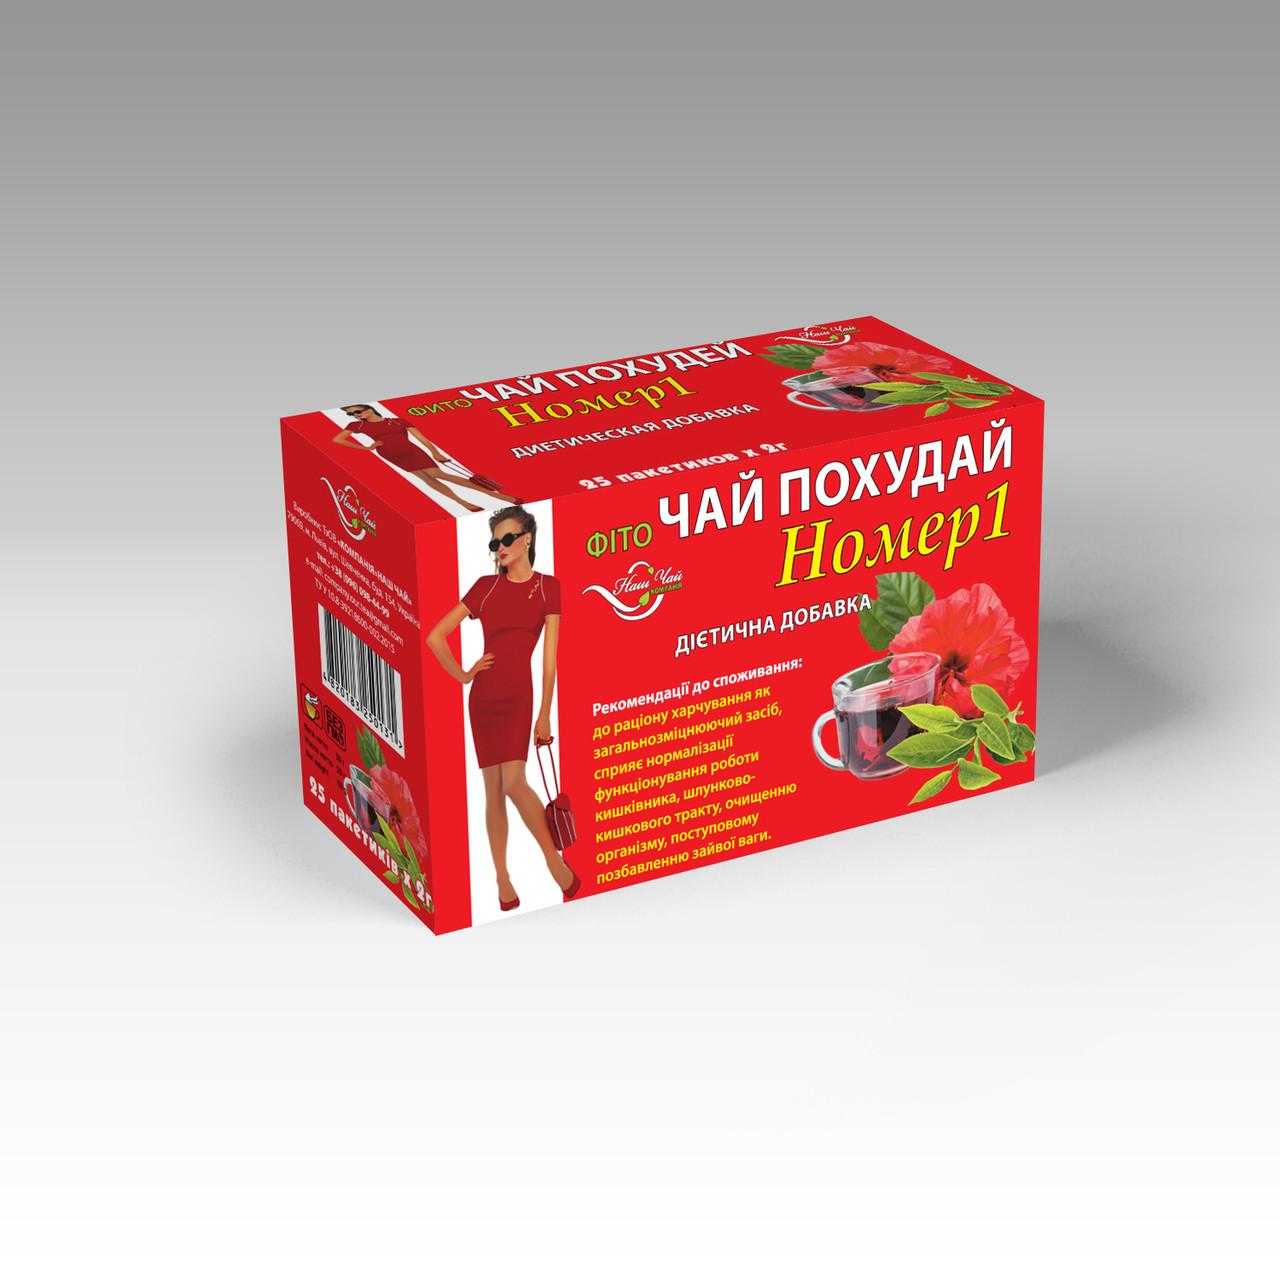 Фито Чай Похудай номер 1(г.Львов в упаковке микс)